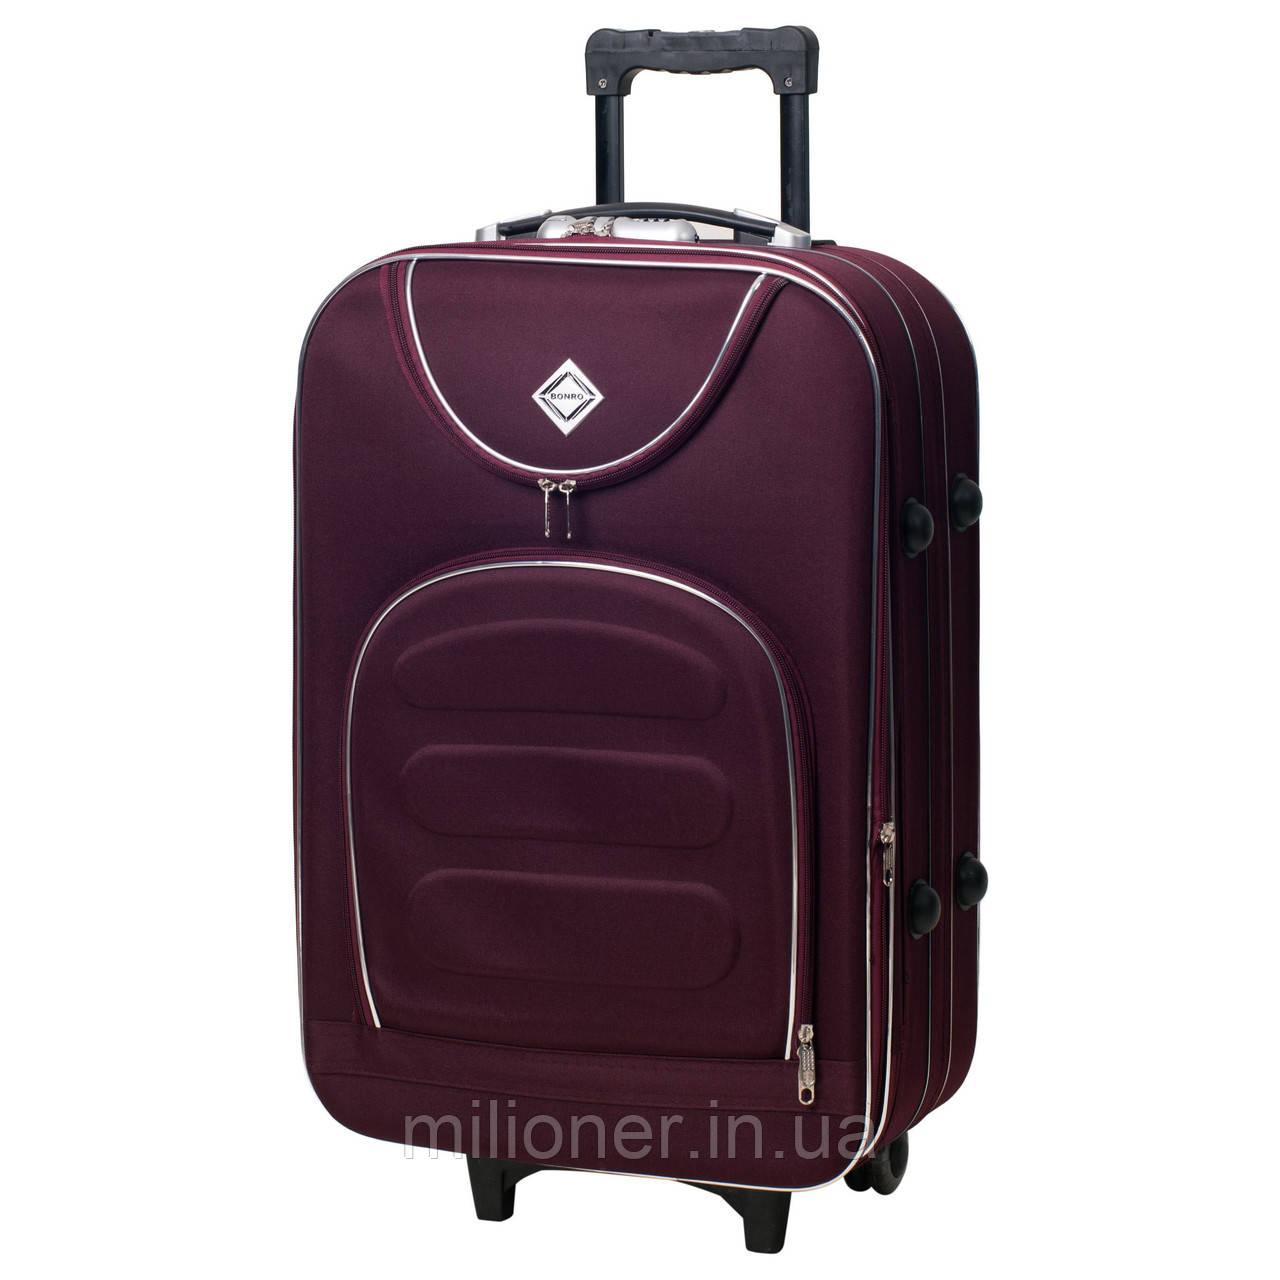 Чемодан Bonro Lux (небольшой) бордовый, цена 696 грн., купить в ... 14832a1b3d8